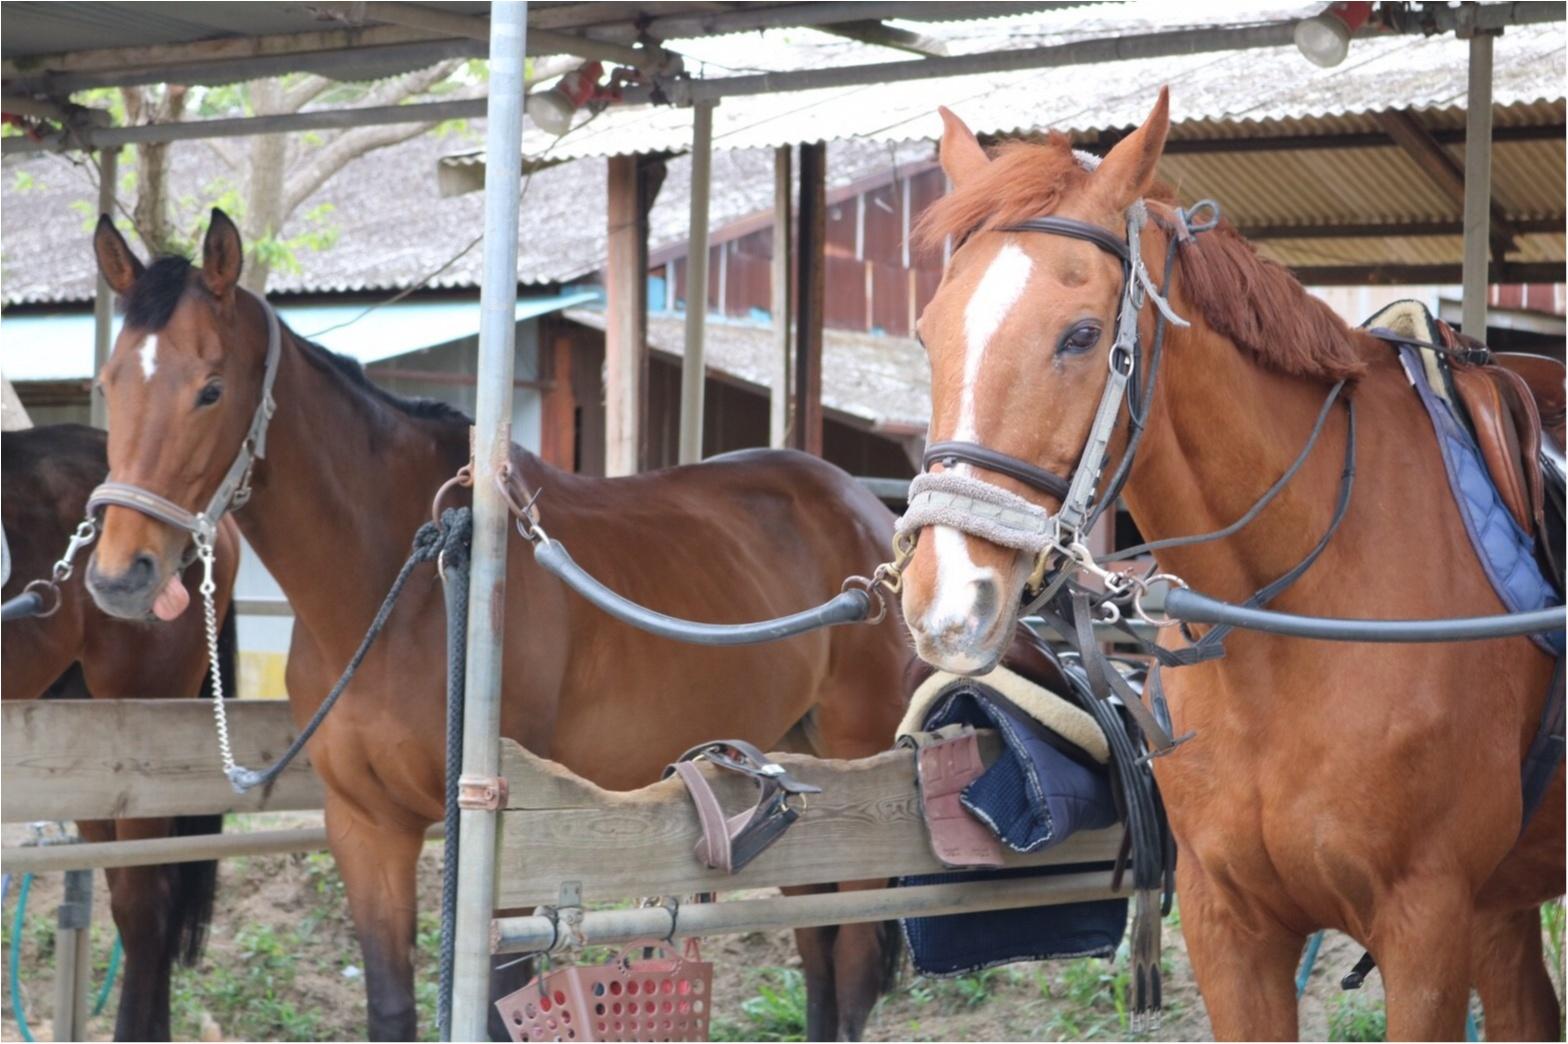 【モアチャレ】ずっとやりたかったこと!乗馬はじめました♡_2